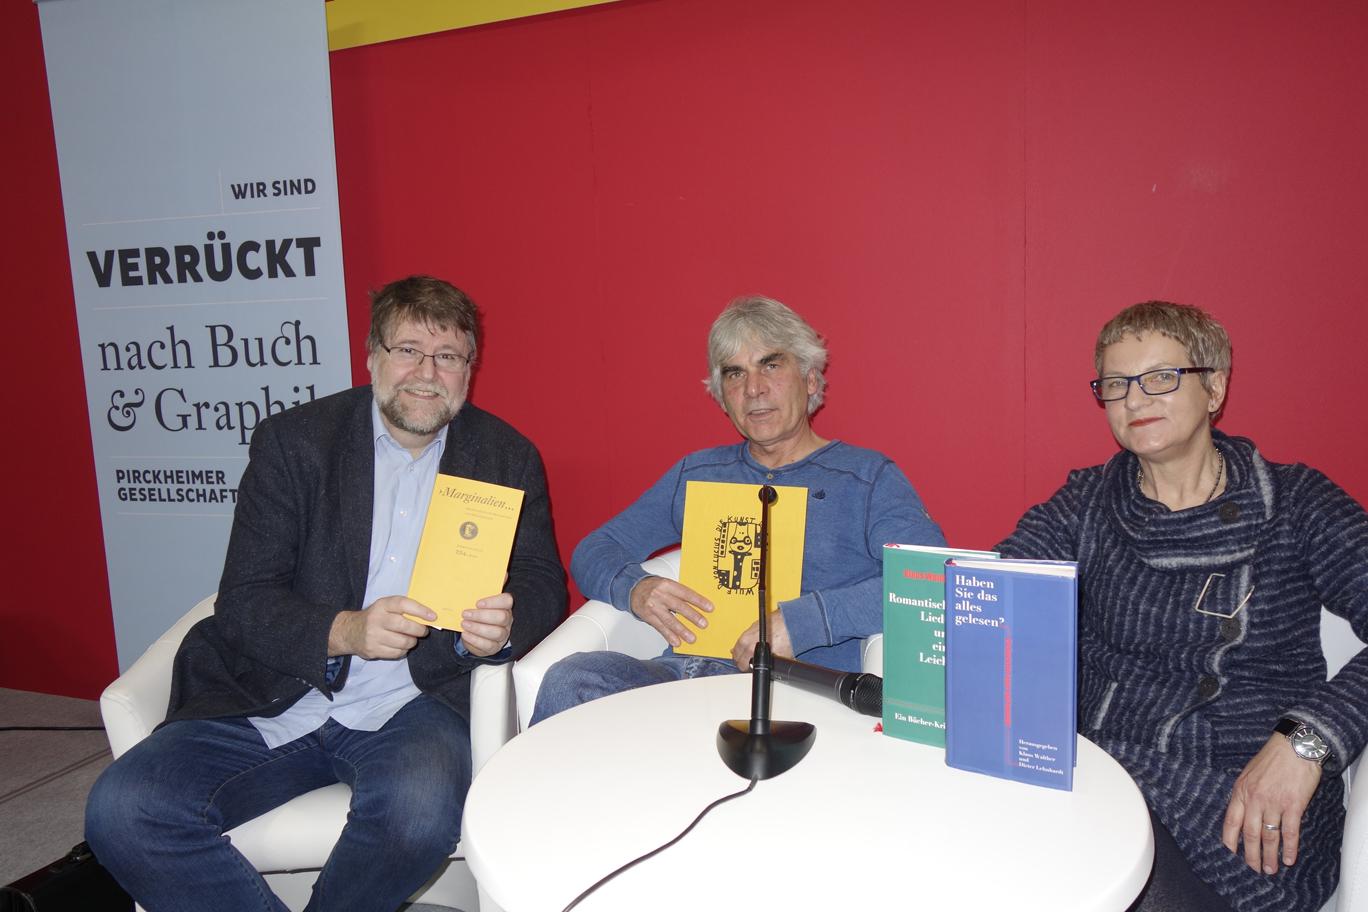 Sie sprachen auf Einladung der Pirckheimer über »Annäherungen an Sammler und ihre Bibliotheken«: Birgit Eichler, Geschäftsführerin des Mironde-Verlags, Autor und Künstler Hartmut Andryczuk sowie Moderator, Filmemacher und Autor Jens-Fietje Dwars (l.)